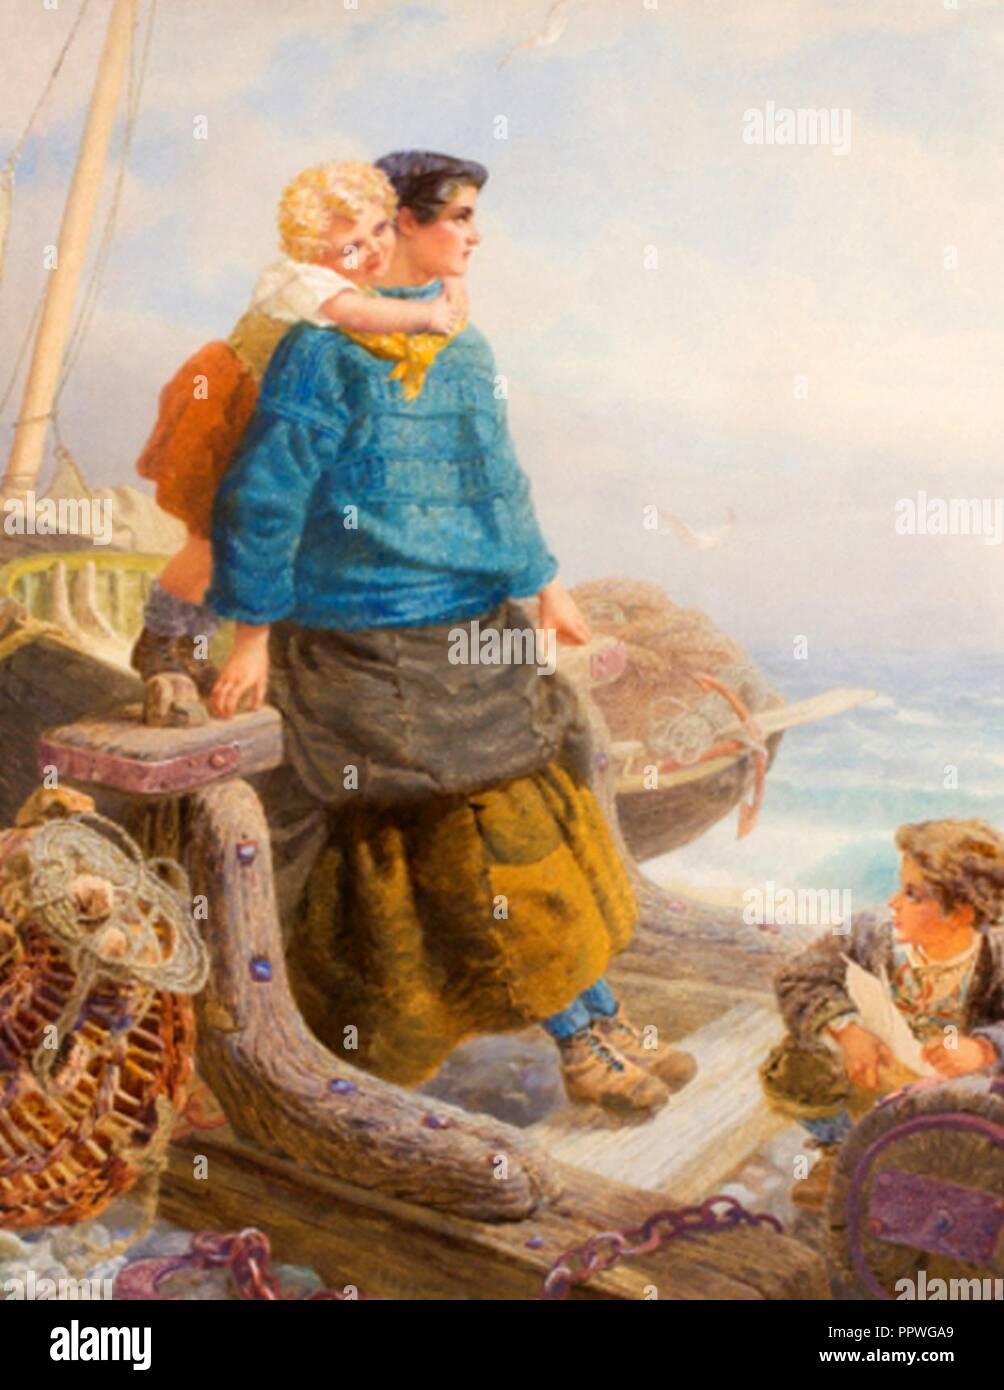 Pause Pause Pause sur les pierres gris et froid de la mer O‥A6 par Alfred Downing Fripp. Photo Stock